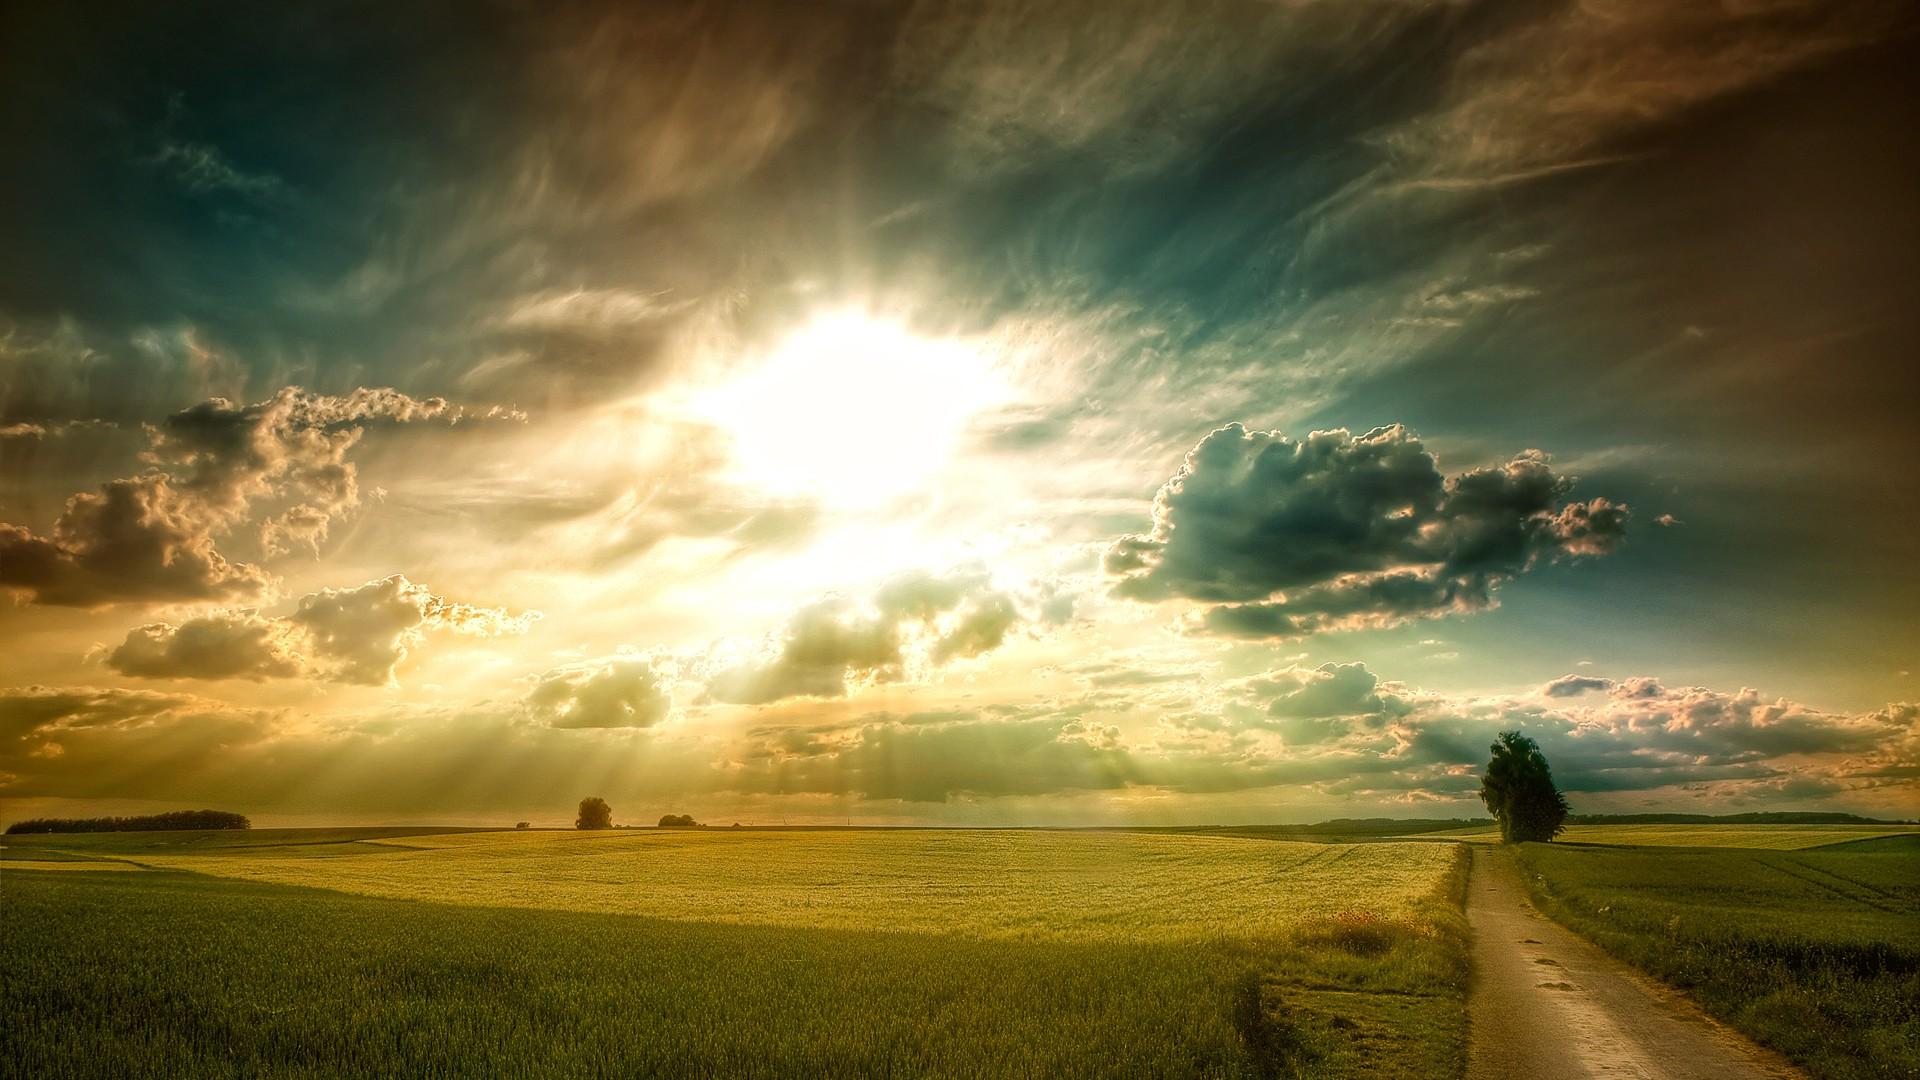 壮观天空唯美高清桌面壁纸